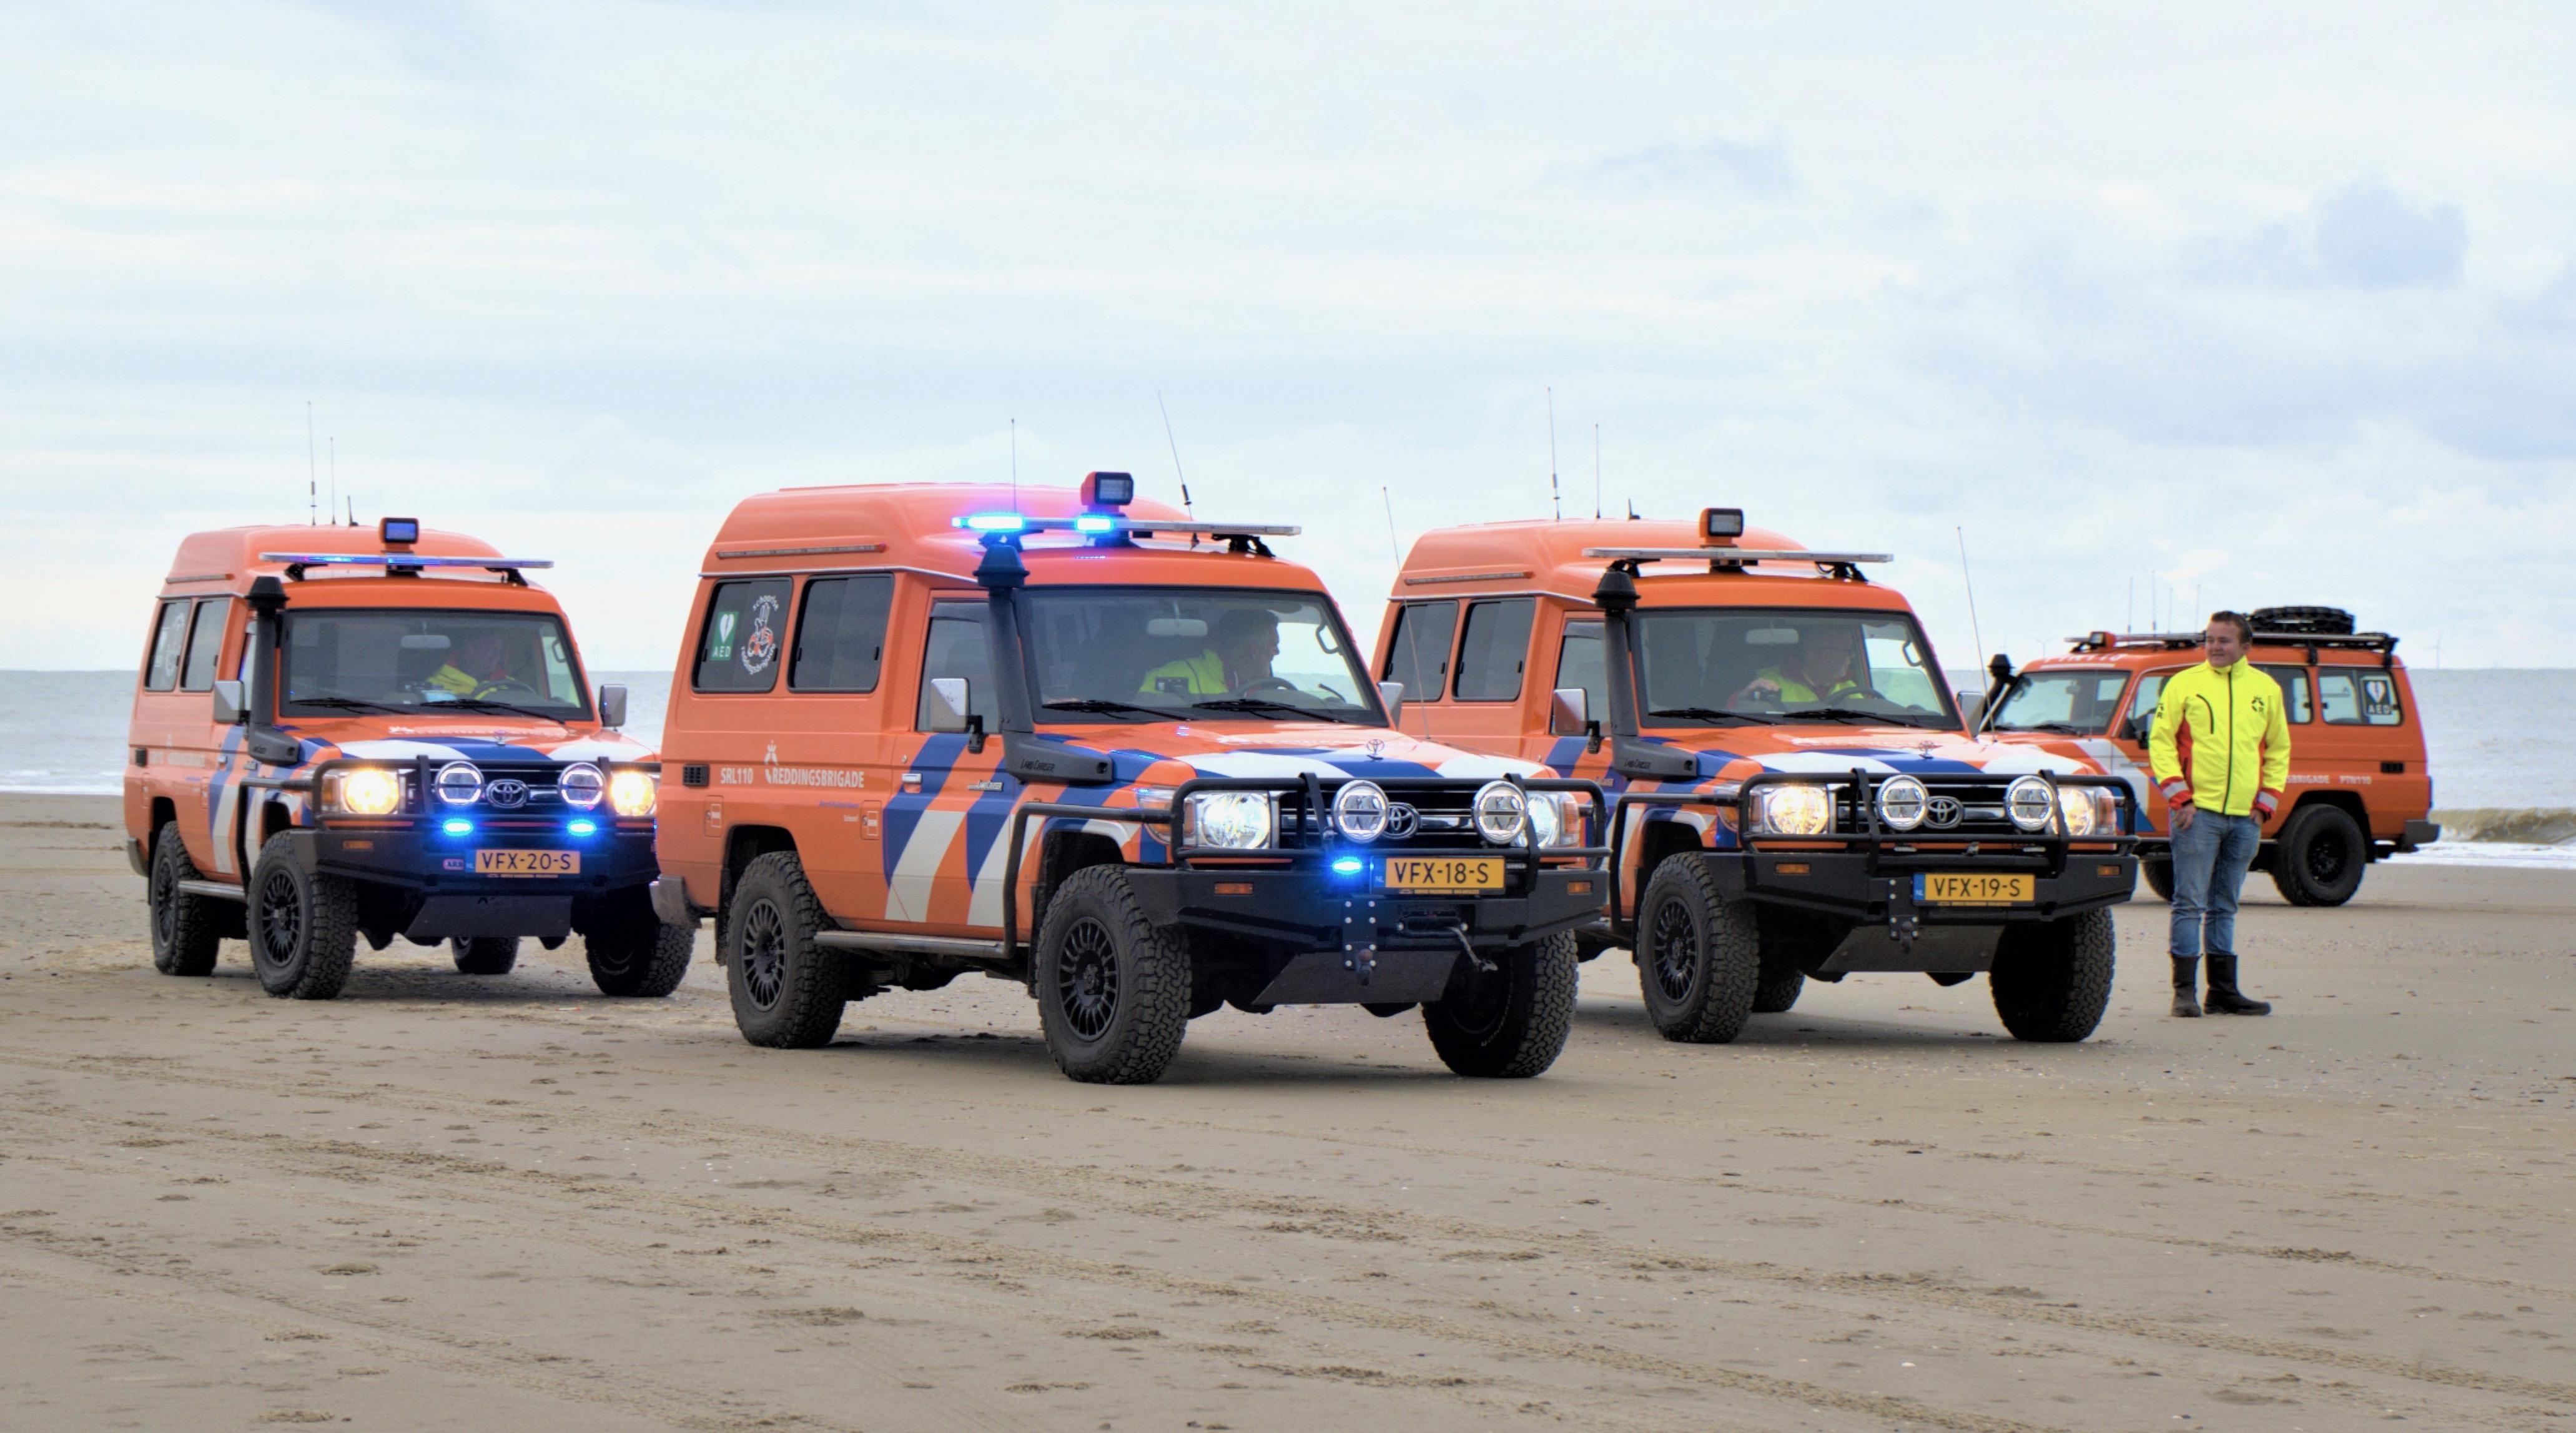 Nieuwe 'werkpaarden' voor Reddingsbrigades Petten en Callantsoog [video]